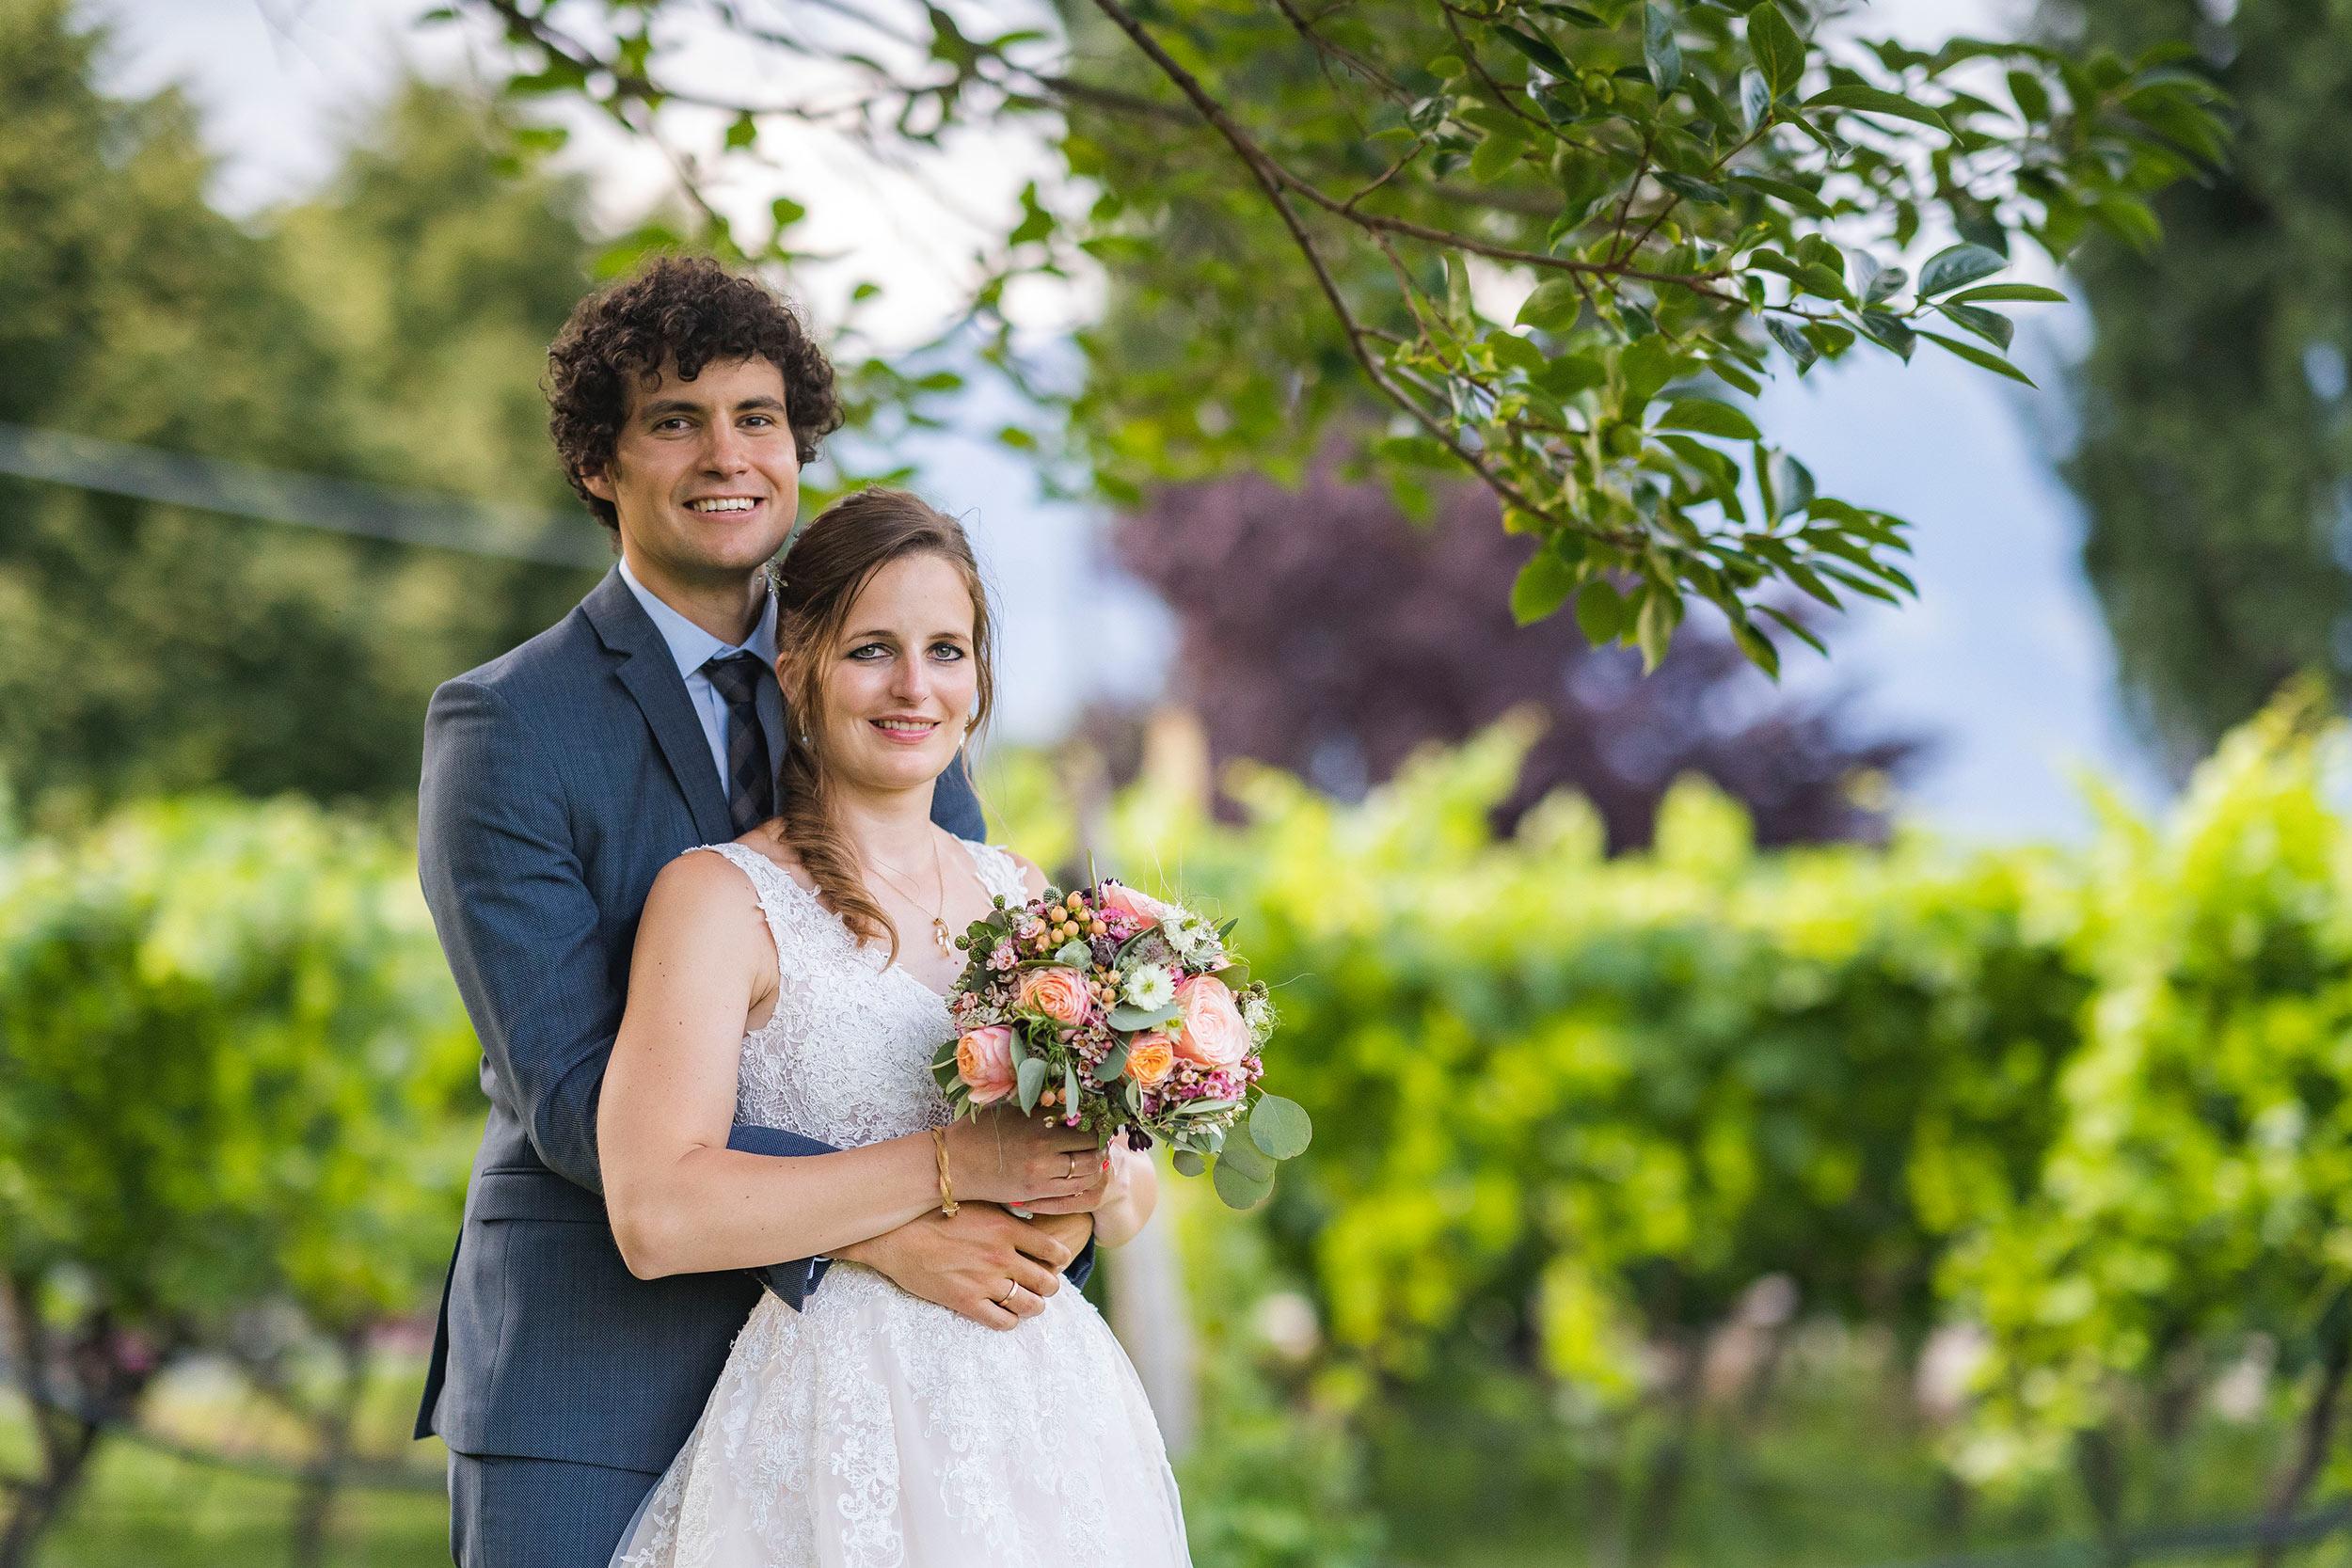 Jassy_&_Felix_Hochzeit_13-07-2019-648